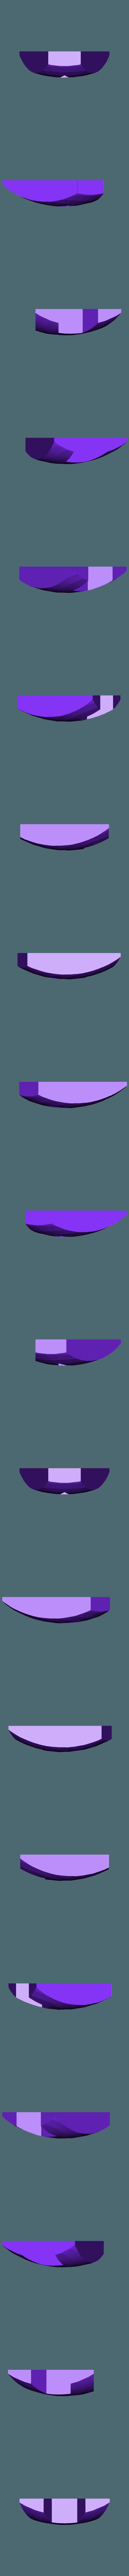 higgsAA.stl Télécharger fichier STL gratuit Modèle standard super-symétrique minimal bosons de Higgs • Objet imprimable en 3D, Mostlydecaf